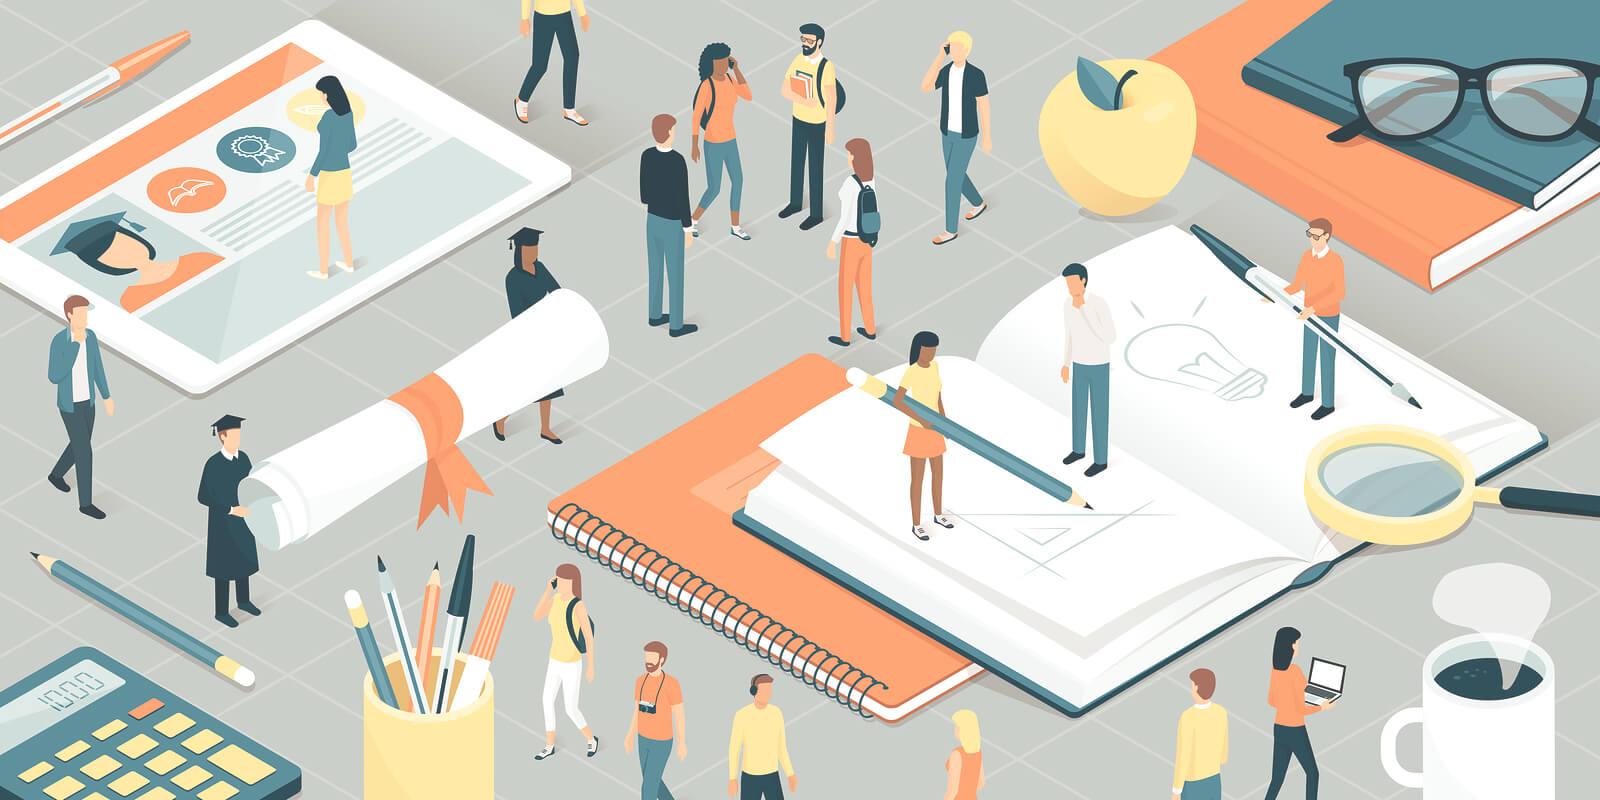 【商业计划书】如何进行市场研究— 2021年指南(二)